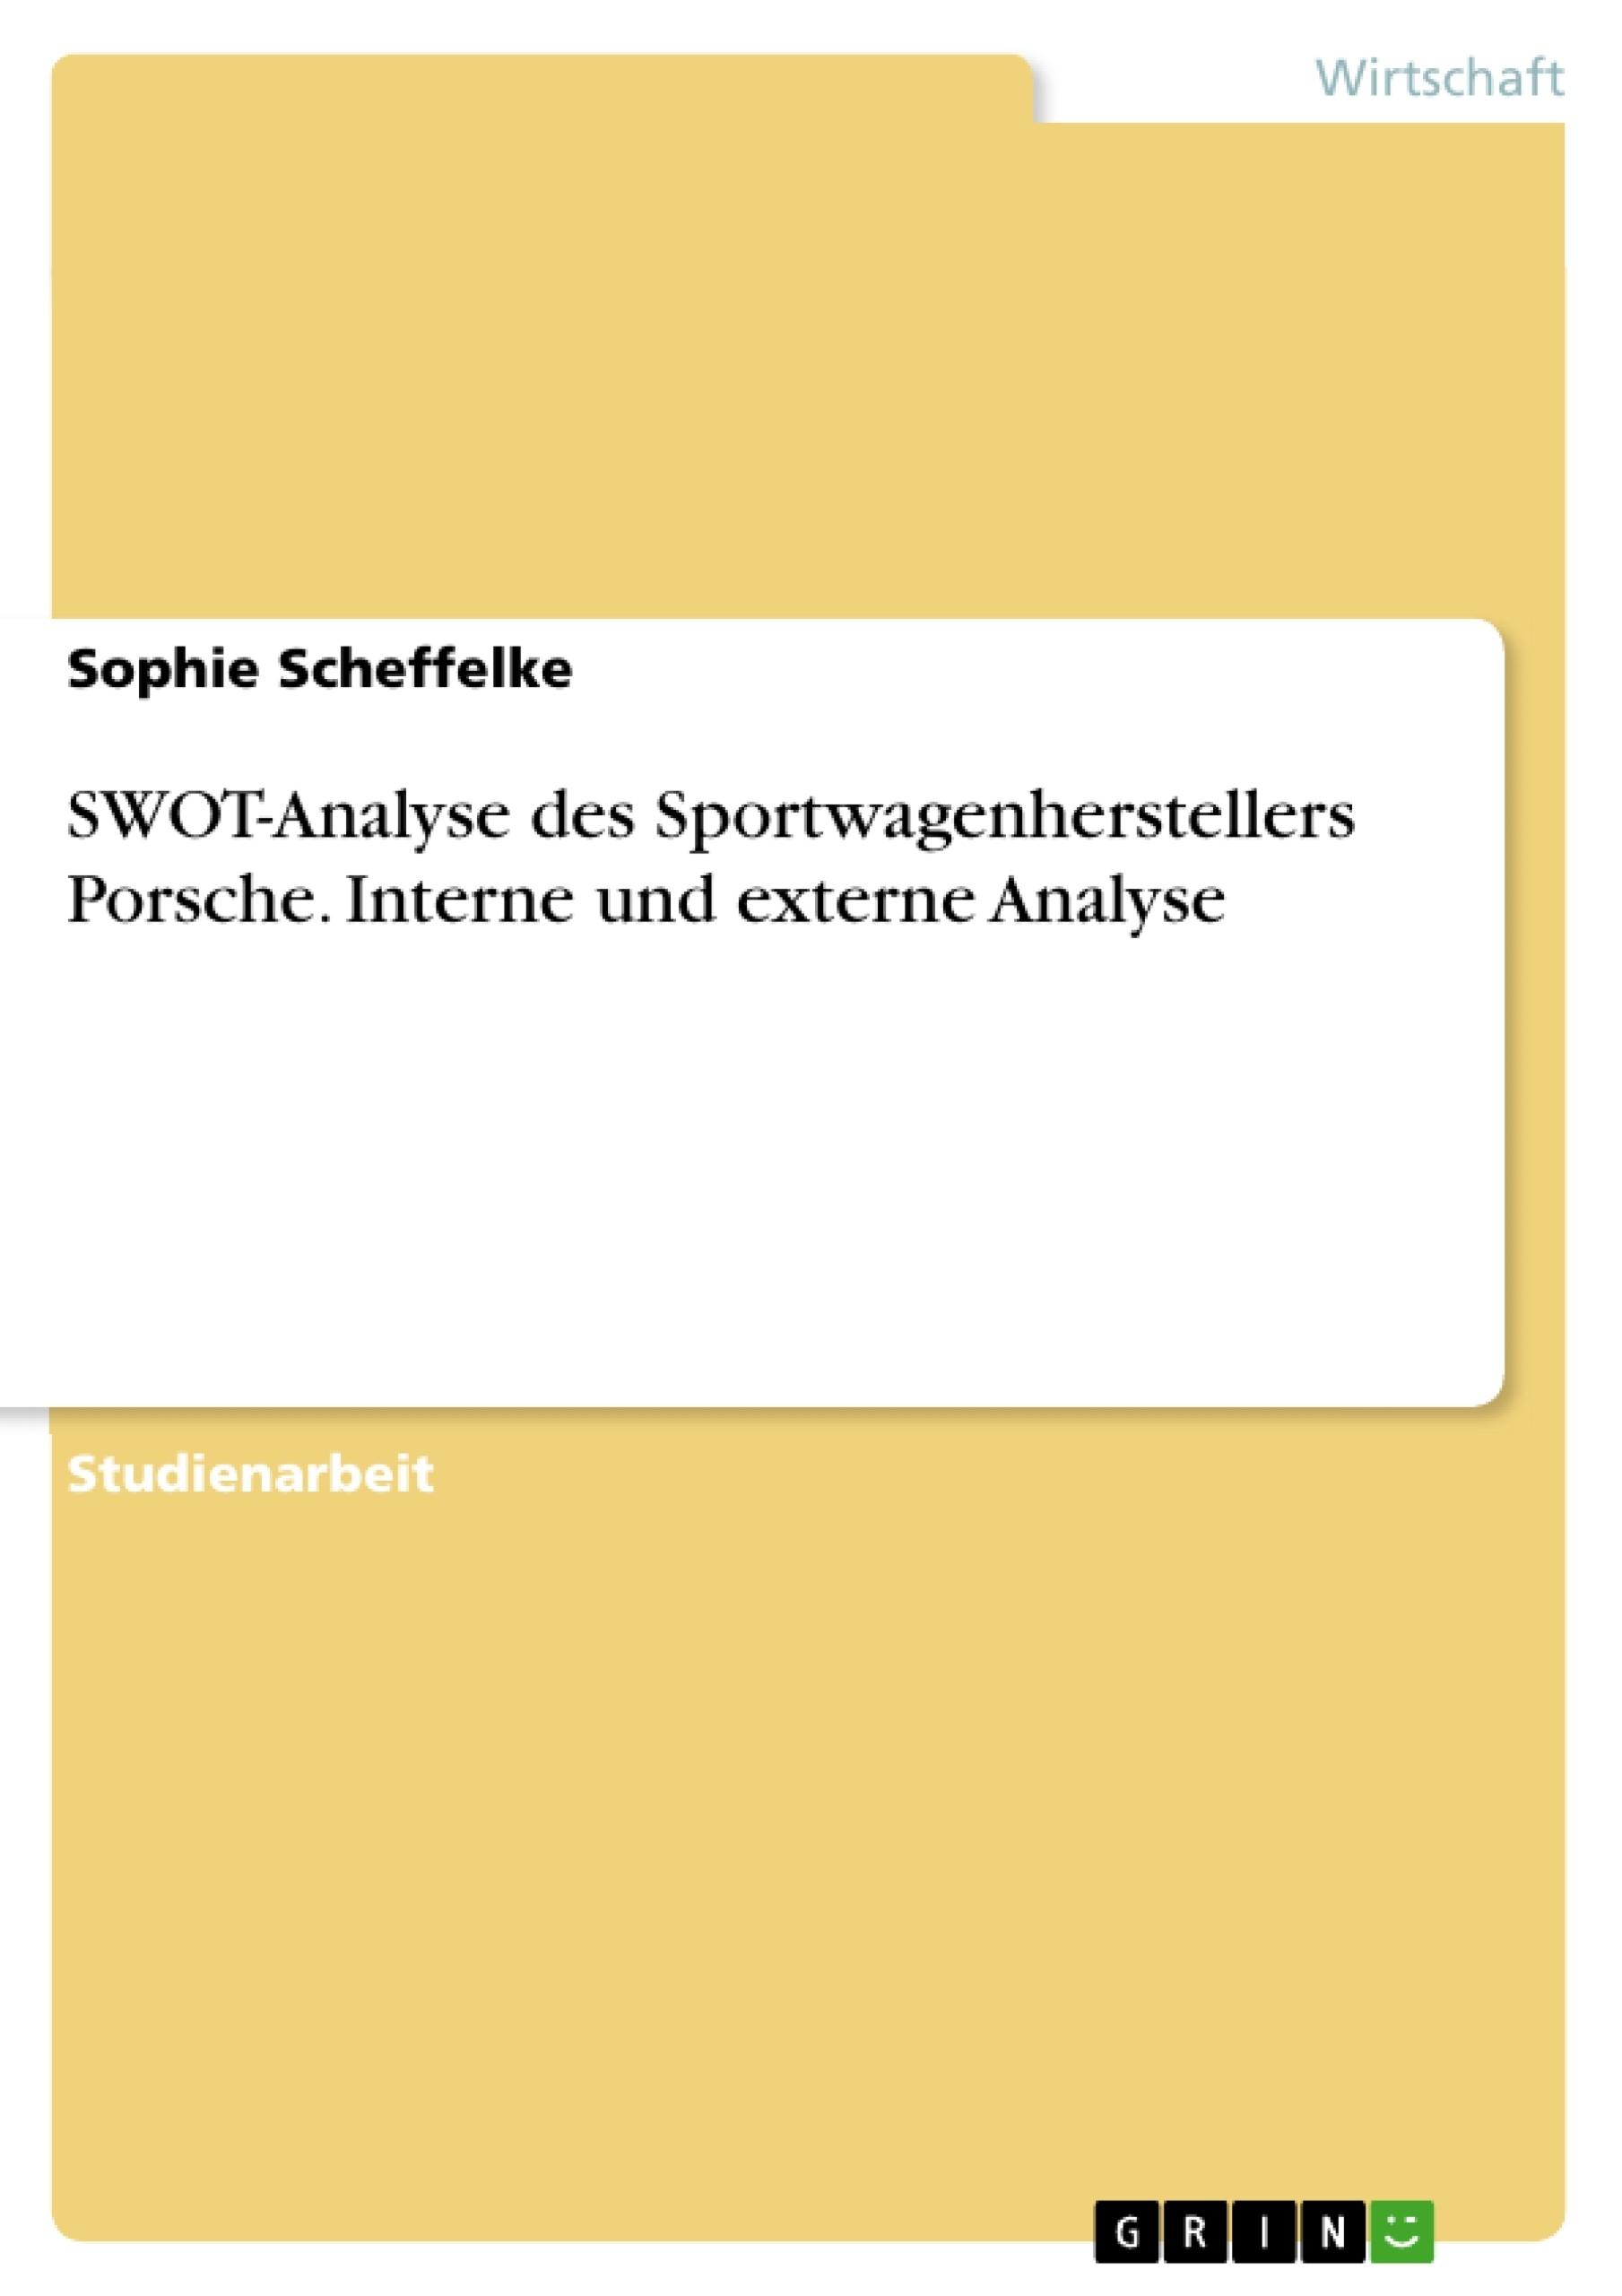 Titel: SWOT-Analyse des Sportwagenherstellers Porsche. Interne und externe Analyse